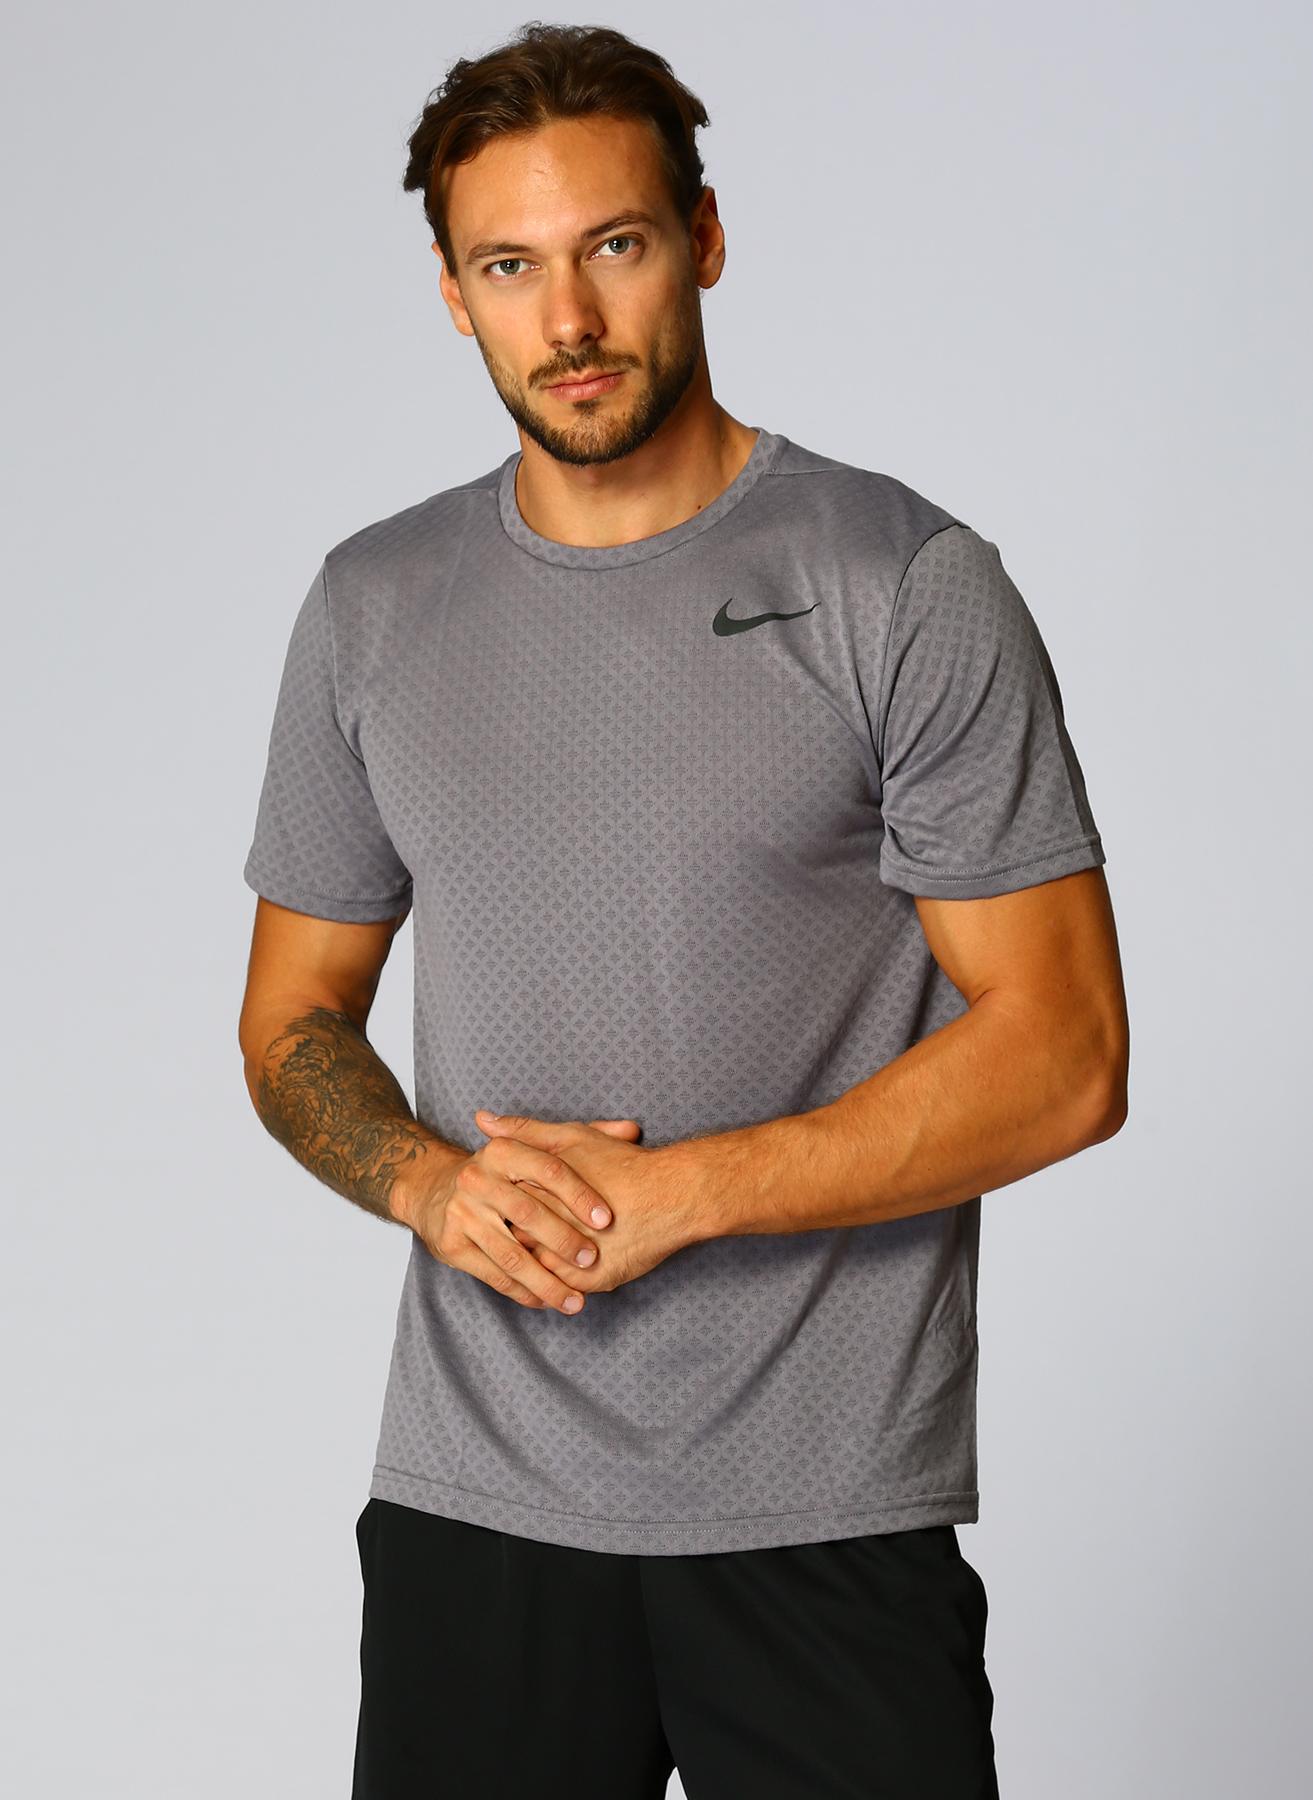 Nike Breathe T-Shirt 2XL 5000422085005 Ürün Resmi